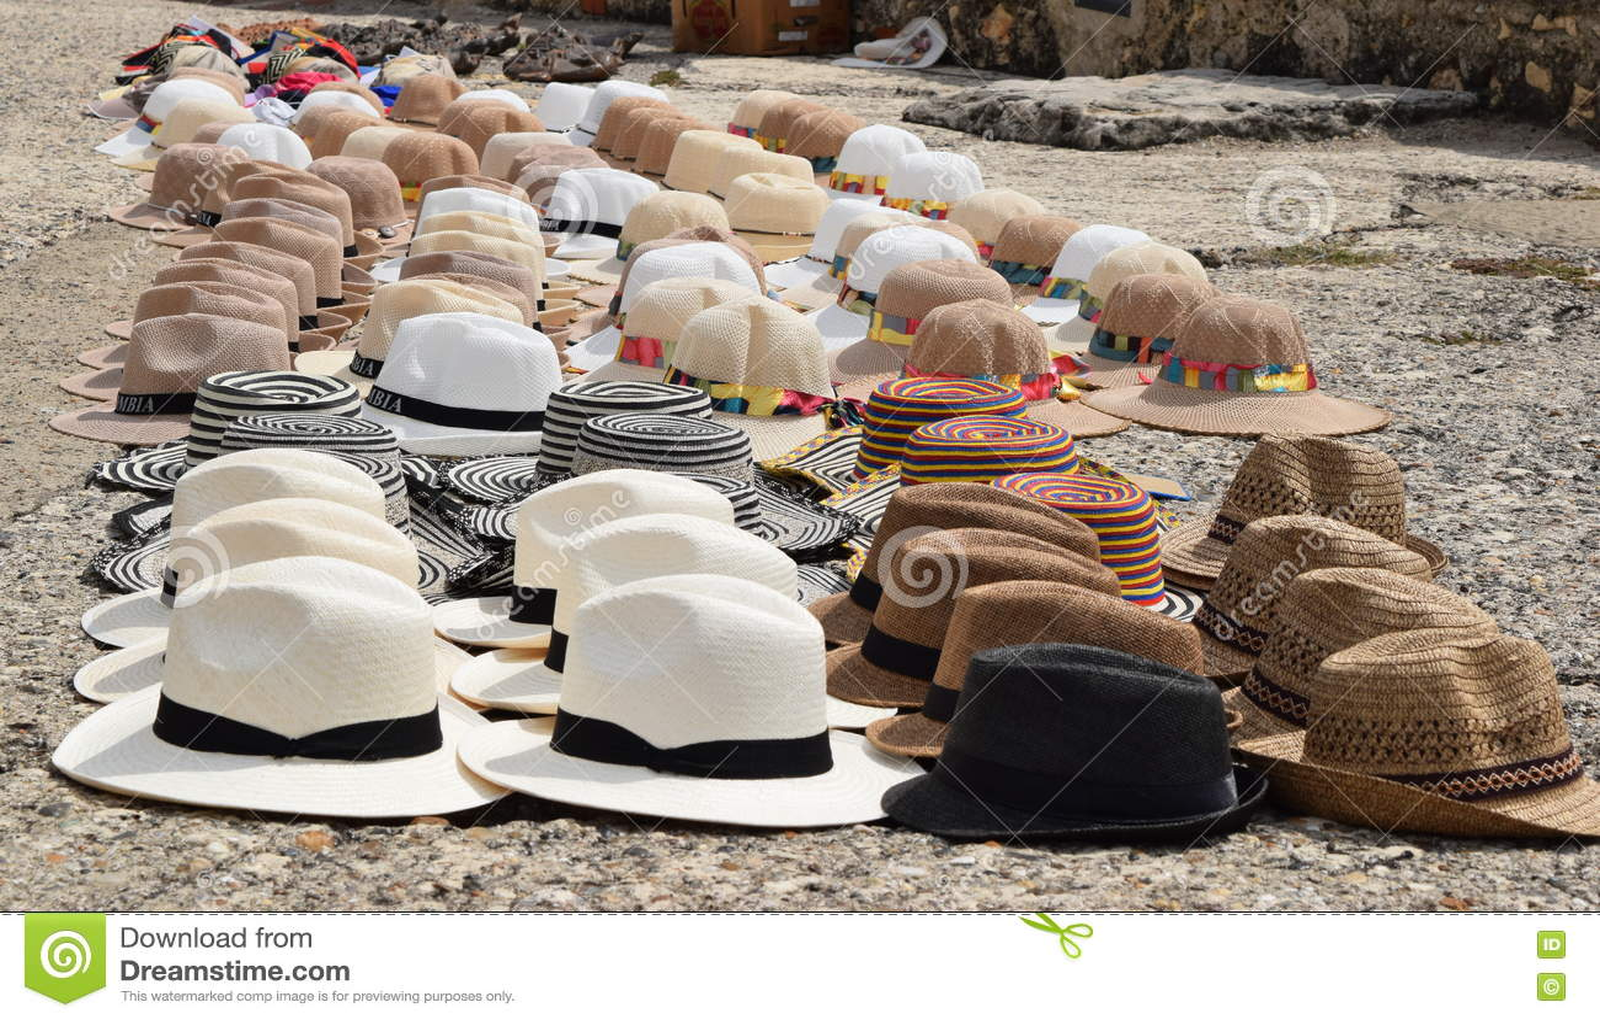 f05520826333f Diversos Tipos De Sombreros Tradicionales De Colombia Imagen de ...